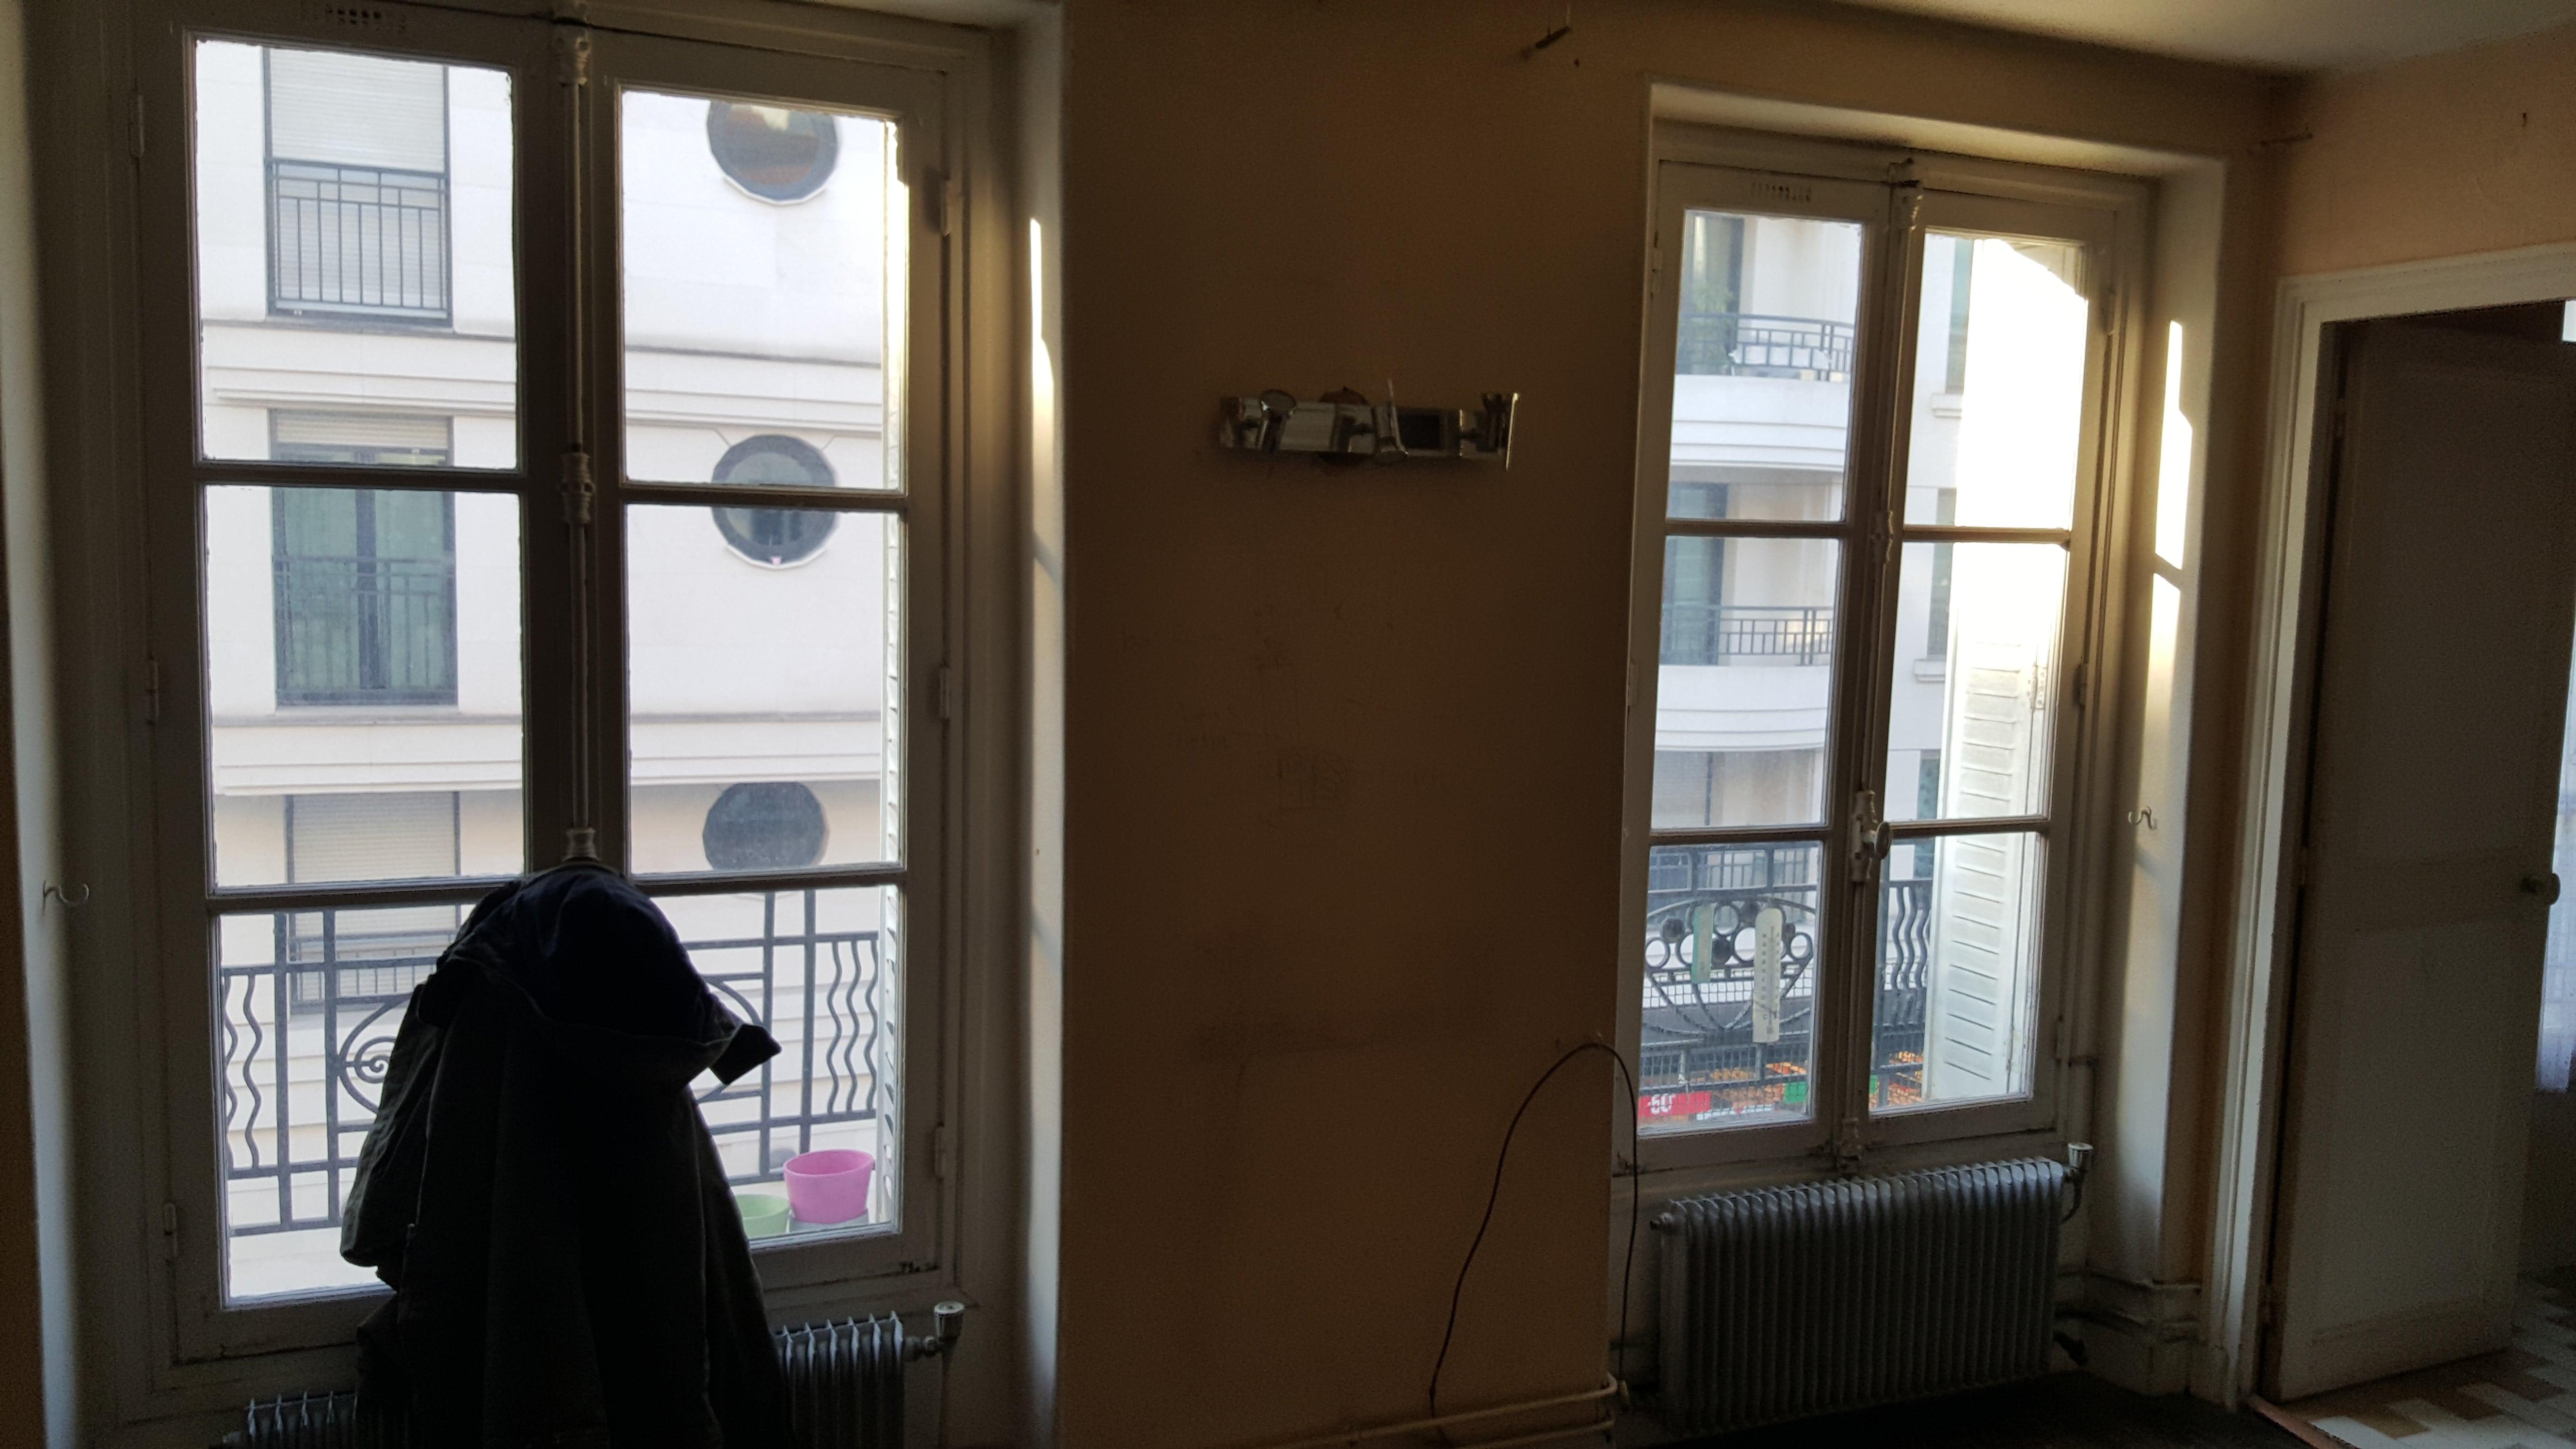 Travaux-de-renovation-a-Asnieres-d'un-studio-0 (1)-pose-de-carrelage-toile-de-verre-peinture-plomberie-electricite-menuiserie-texas-batiment-rge-min